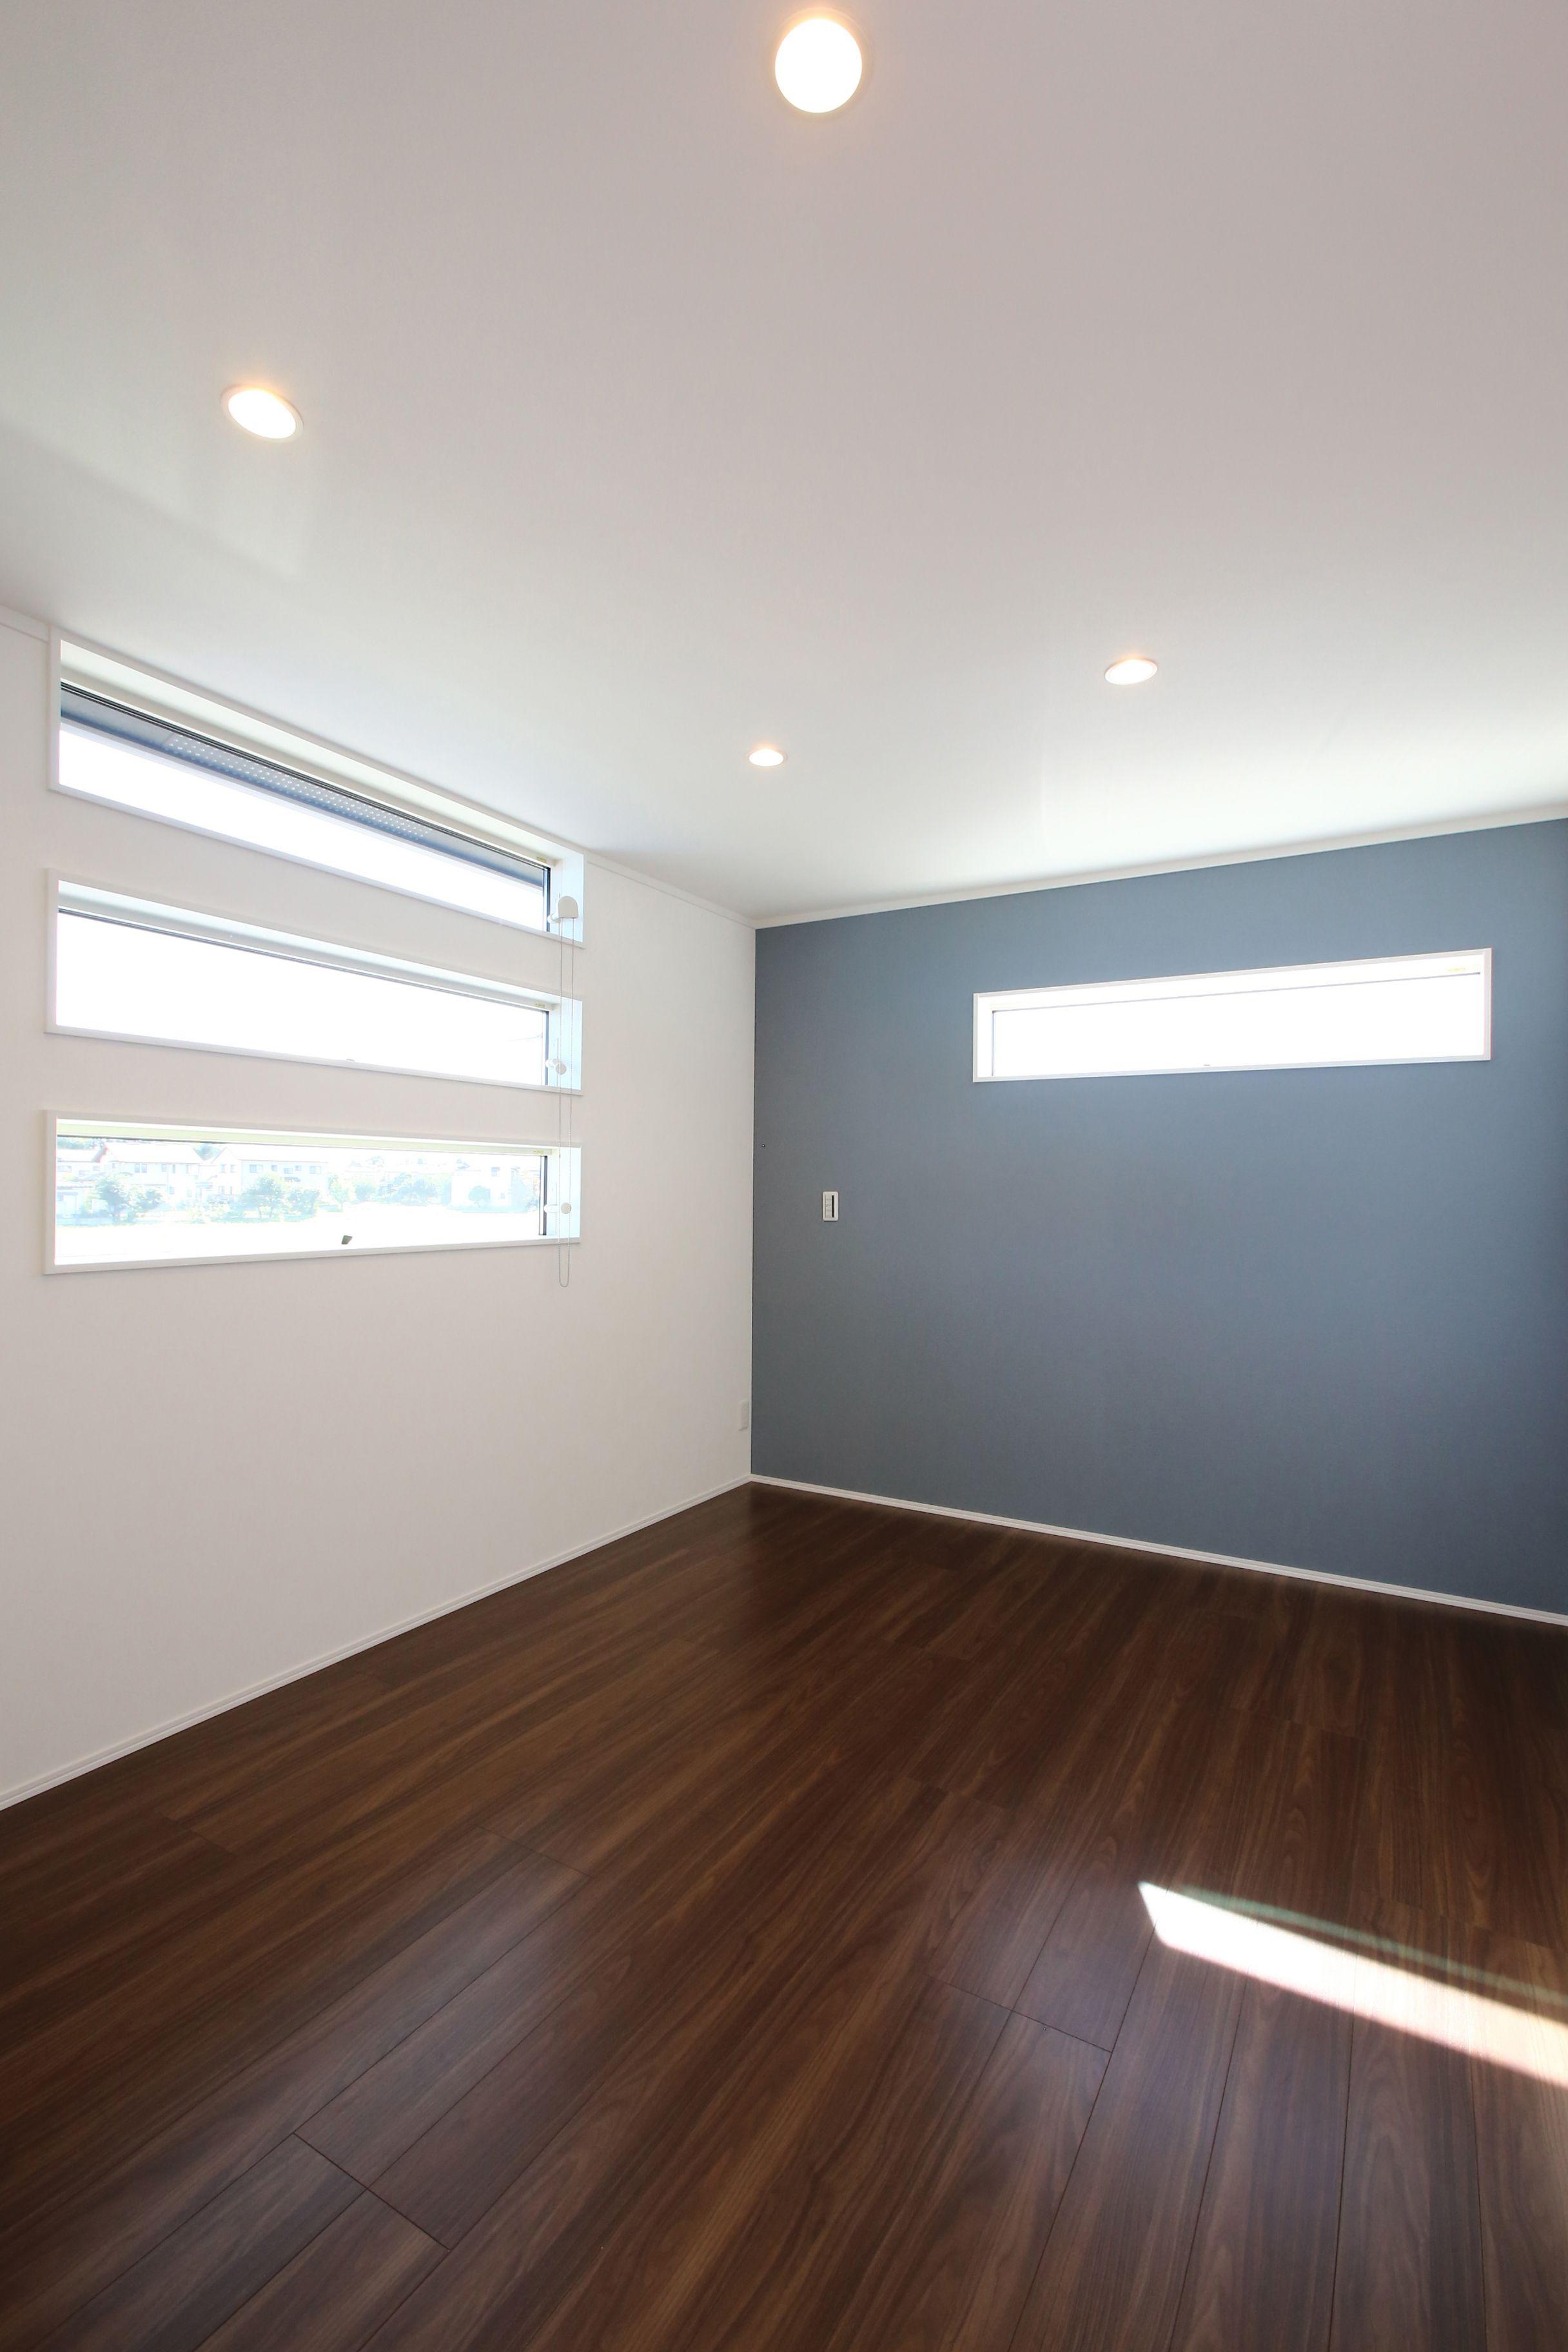 窓の配置とアクセントクロスがおしゃれな寝室 寝室 壁紙 おしゃれ 洋室 フローリング